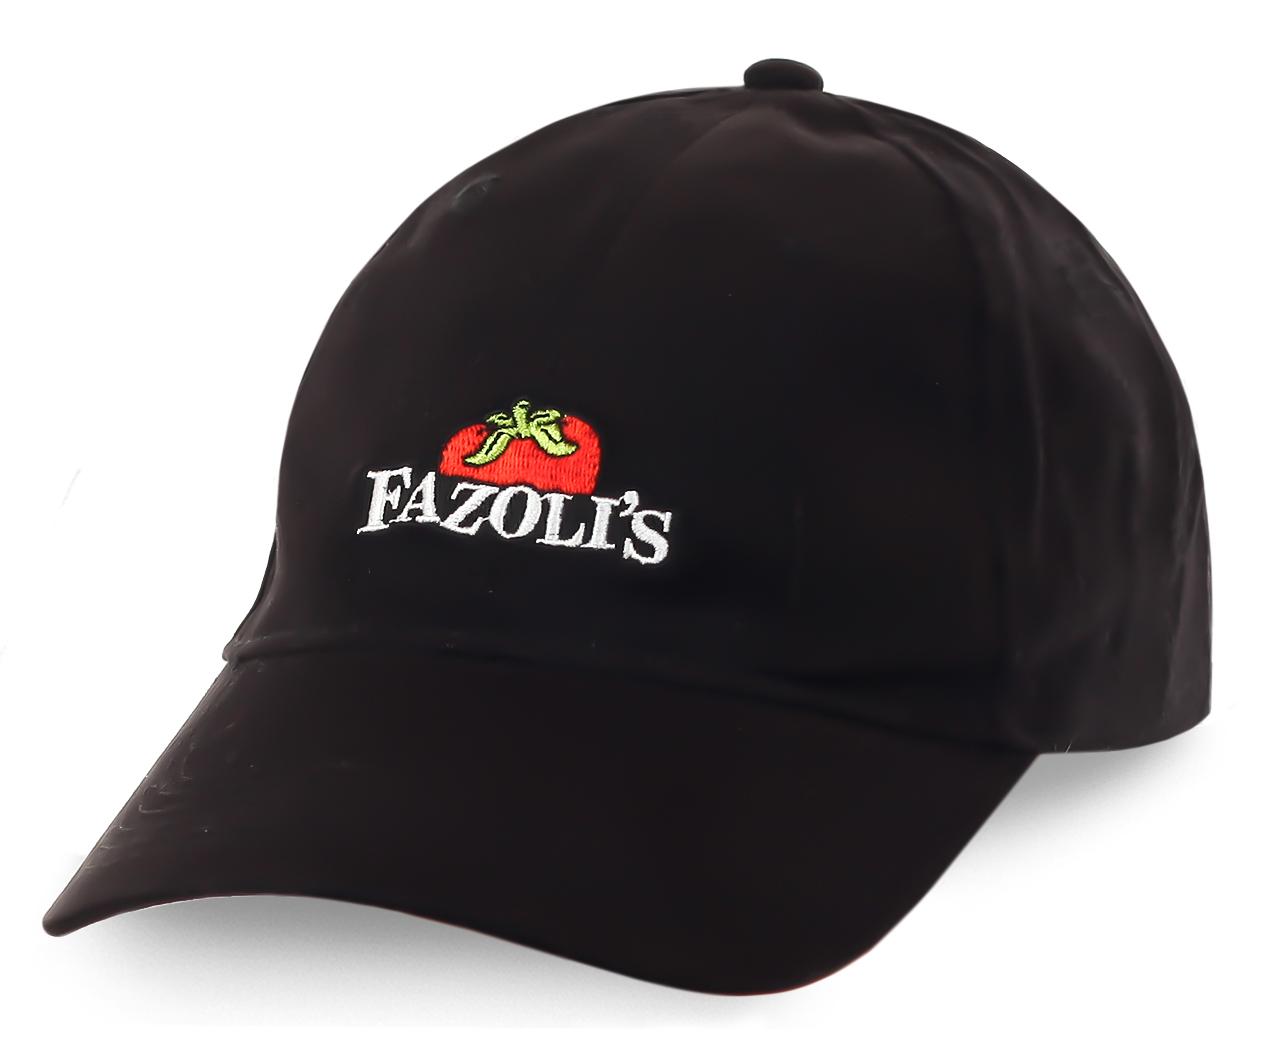 Фирменная бейсболка итальянского ресторана Fazolis - насыщенный цвет, узнаваемый логотип, приятная цена